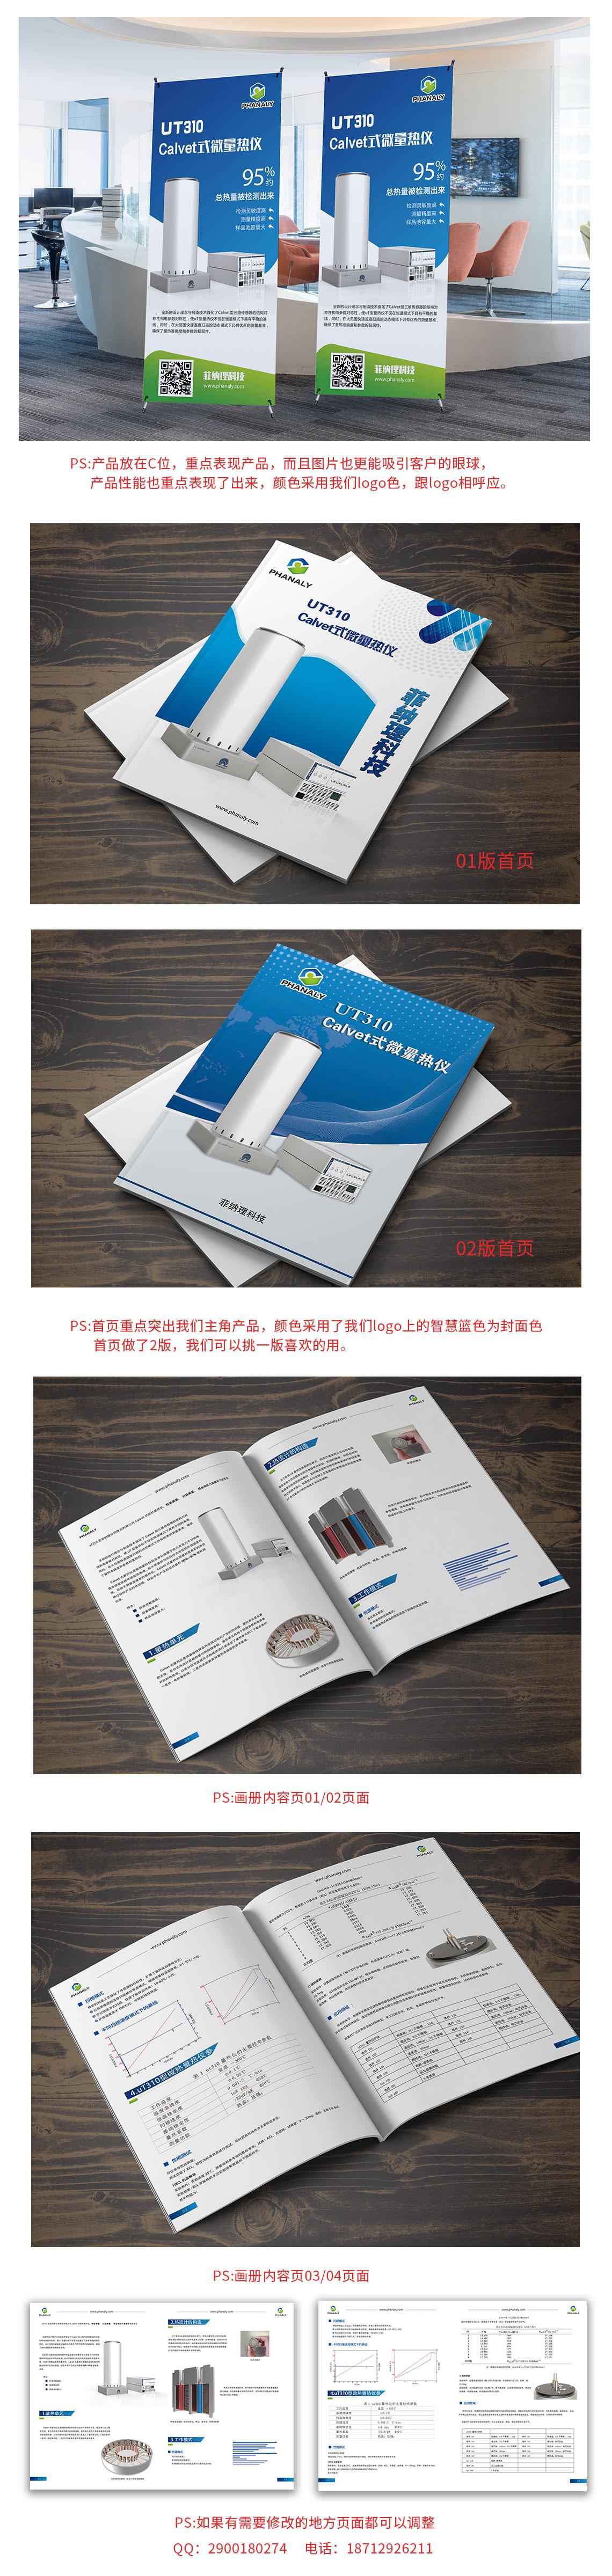 产品画册和易拉宝设计_3034344_k68威客网